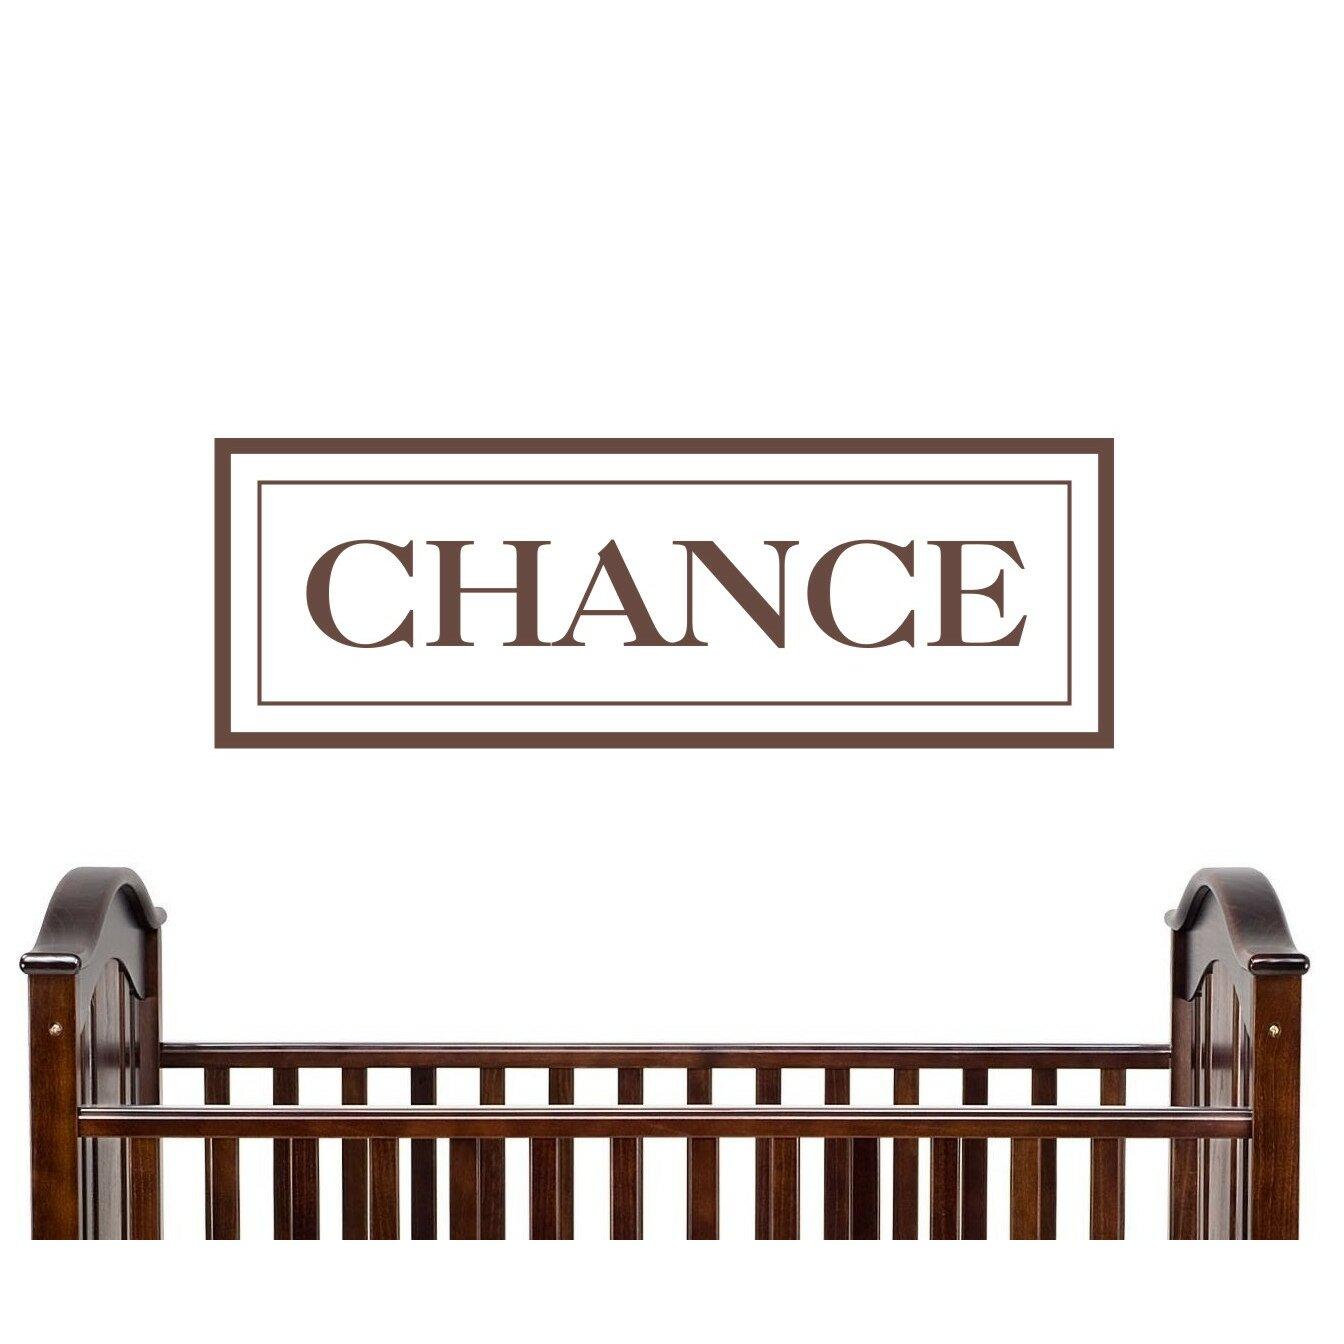 Alphabet garden designs personalized chance wall decal for Alphabet garden designs